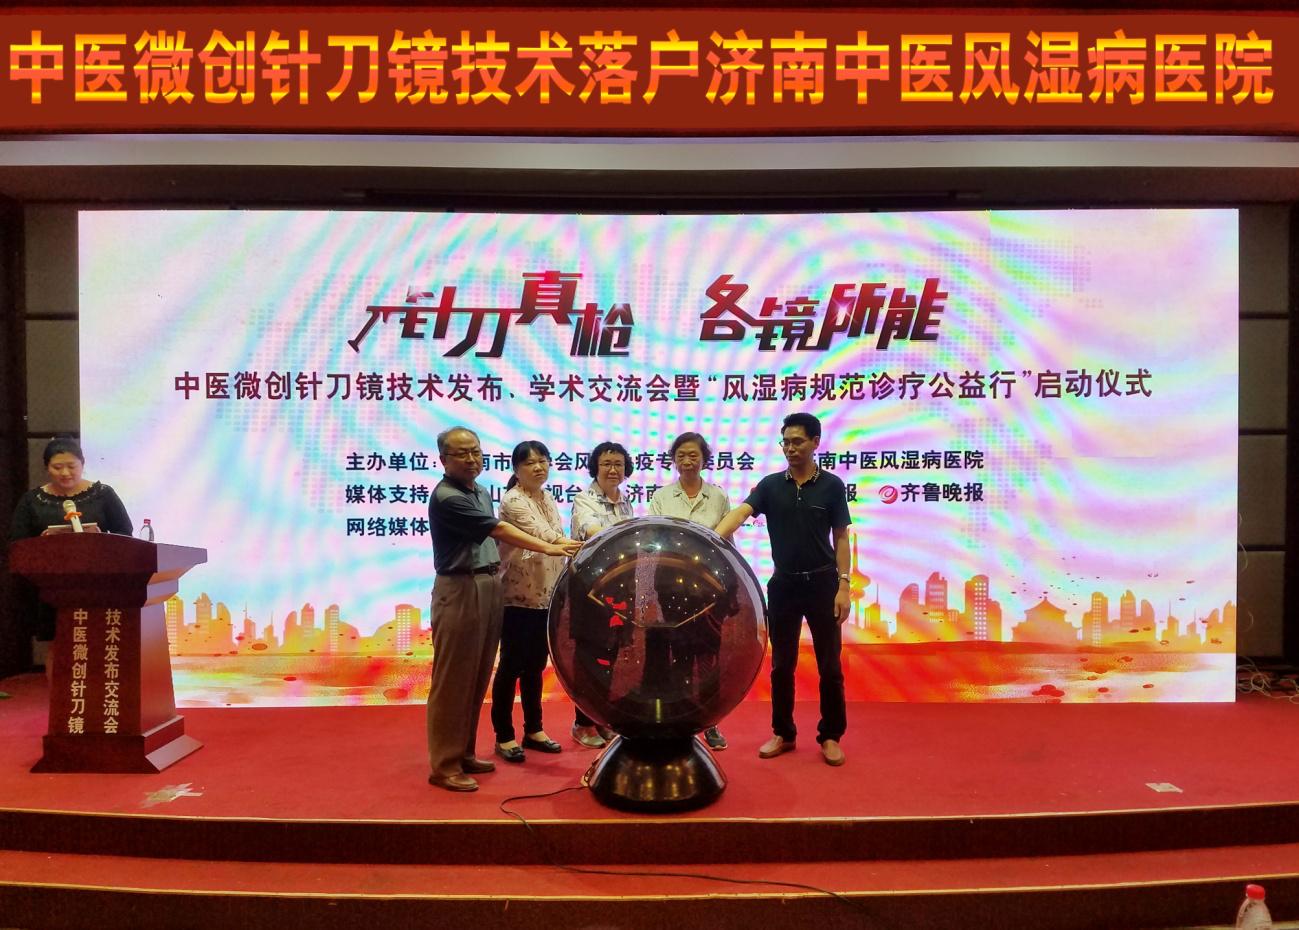 山东举行中医微创针刀镜技术发布学术交流会